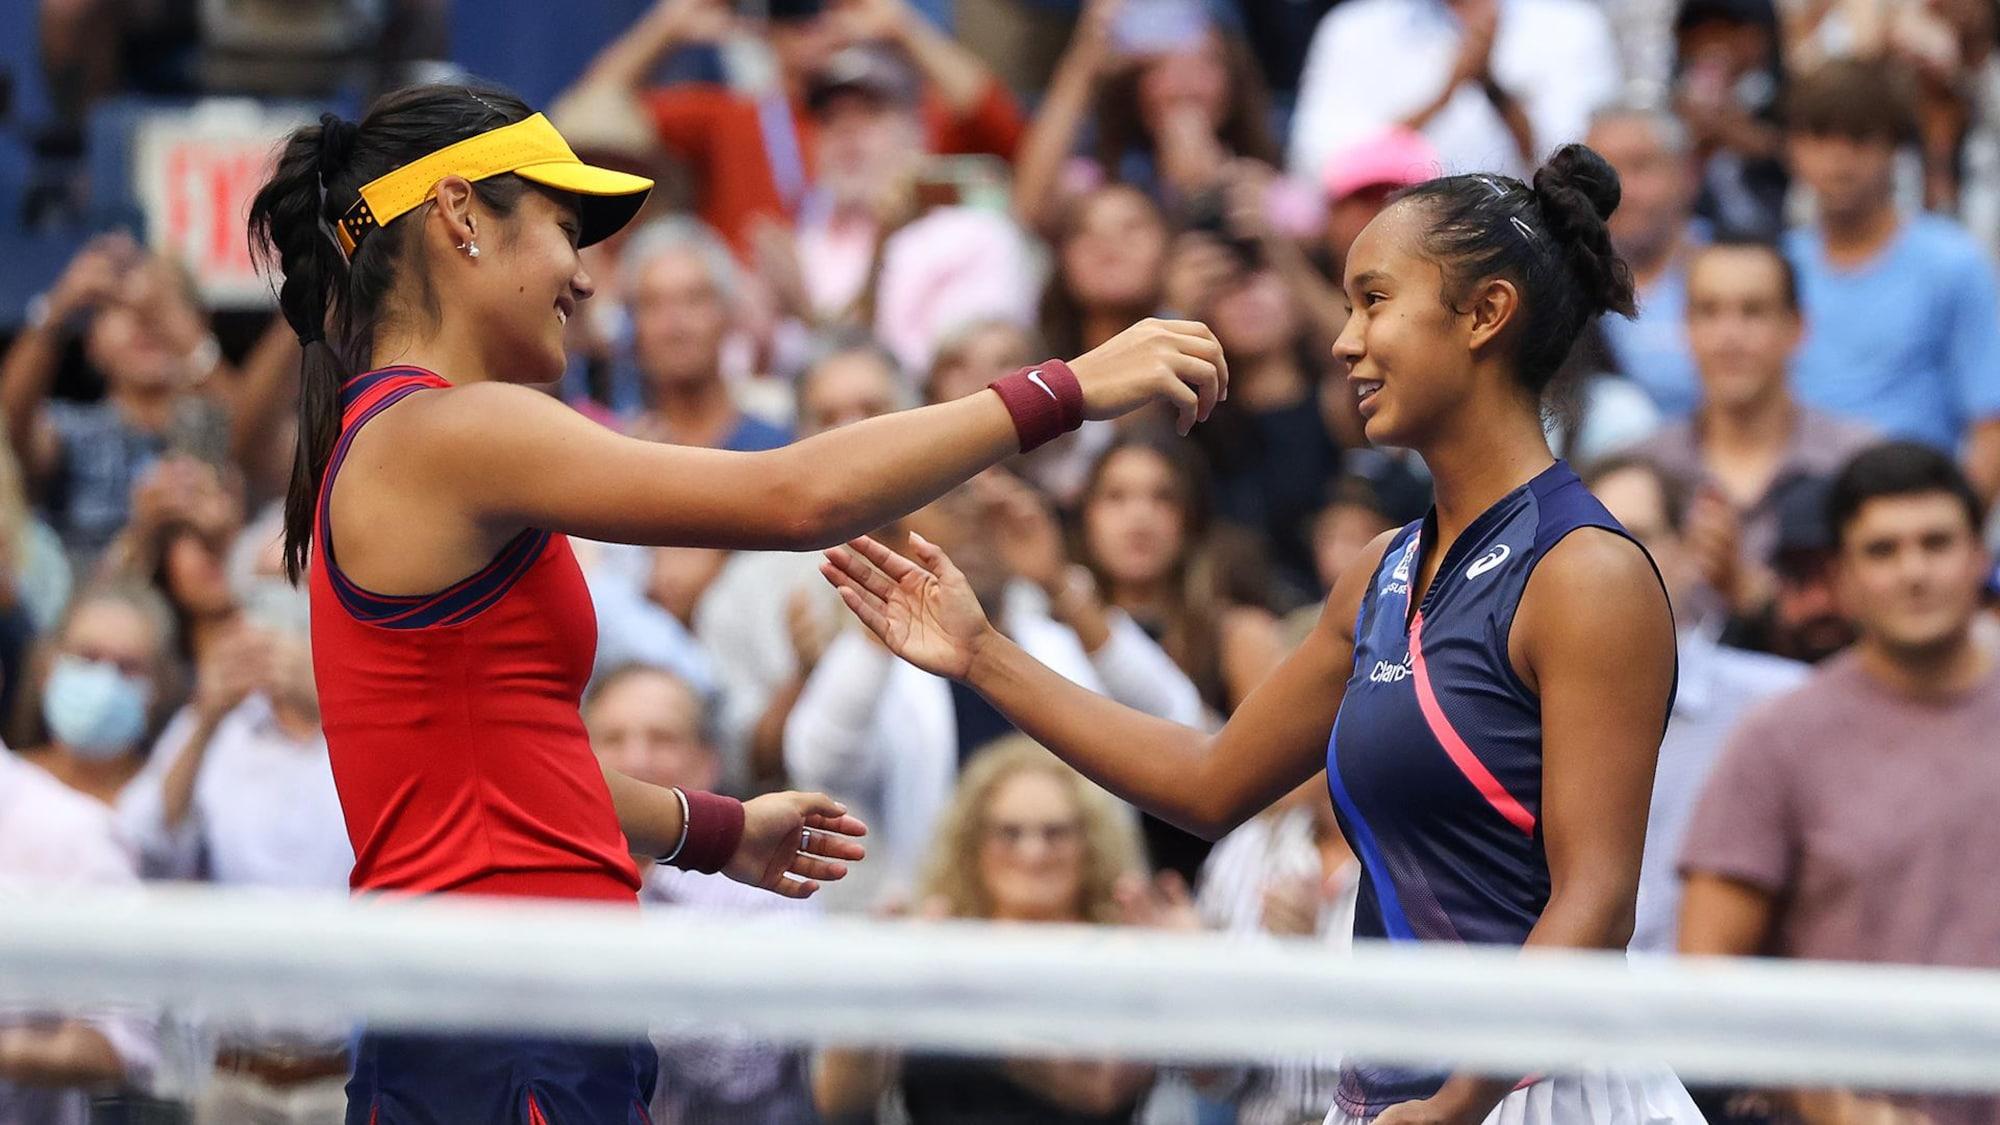 Deux femmes se  font l'accolade sur un terrain de tennis.